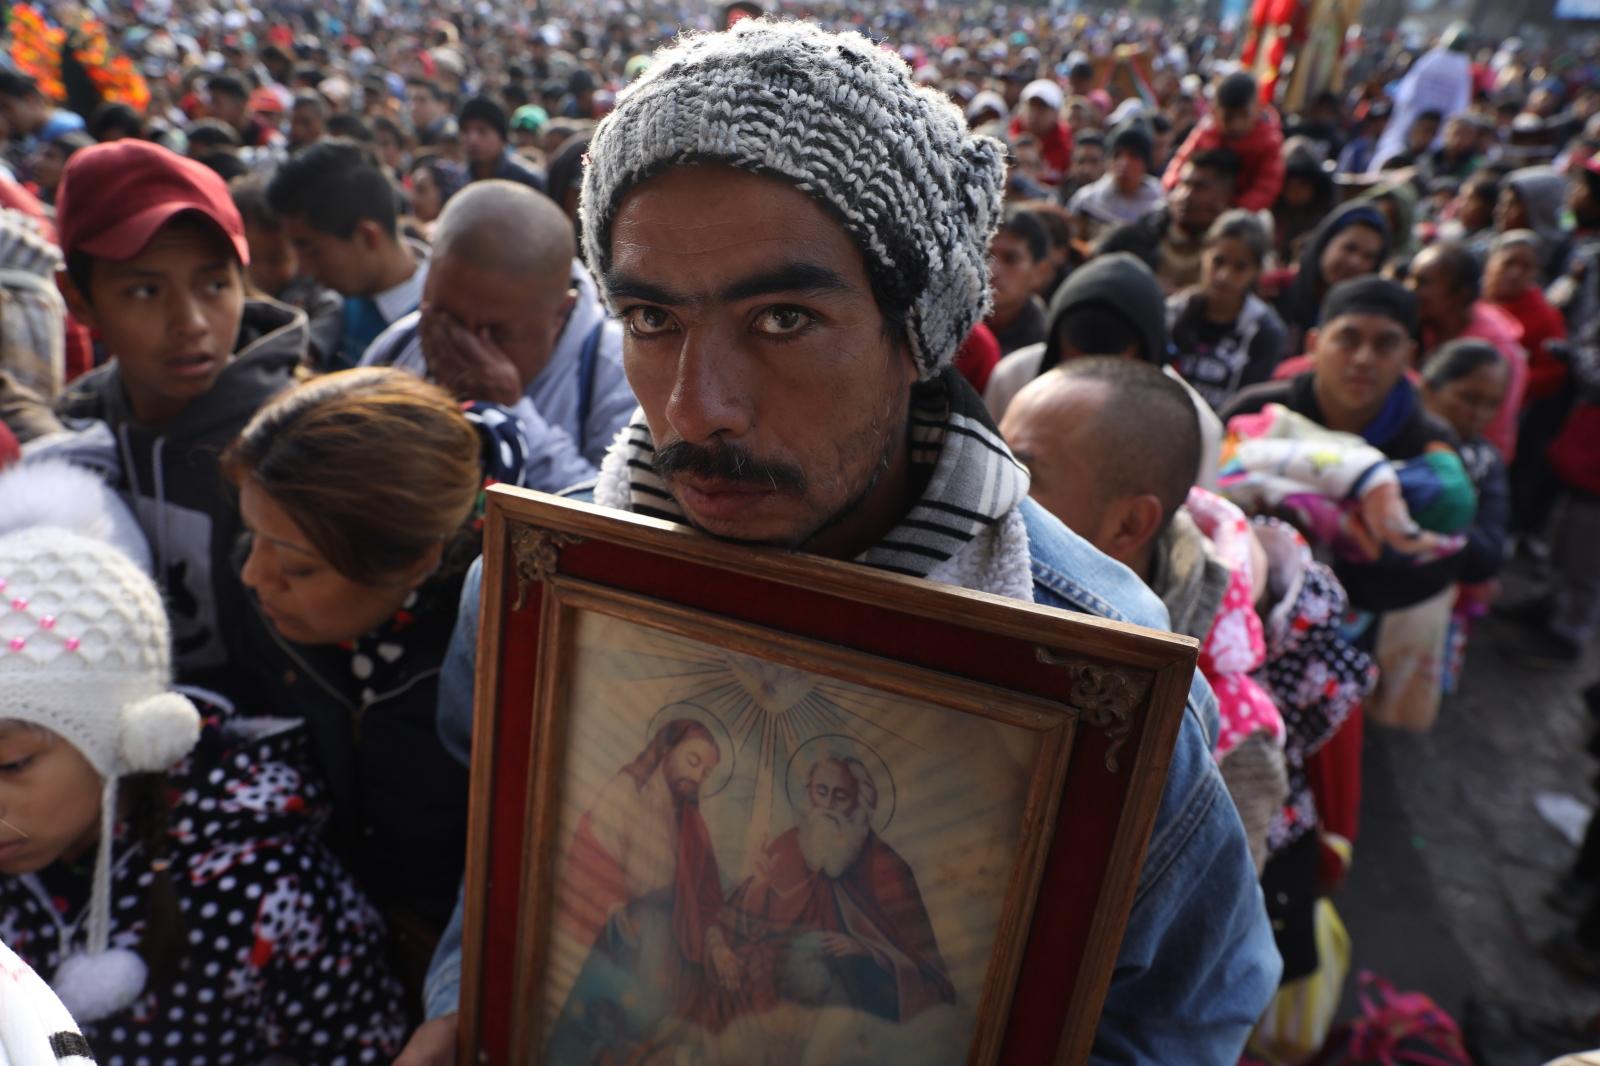 Meksyk - uroczystości ku czci MB z Guadalupe  EPA/Sashenka Gutierrez